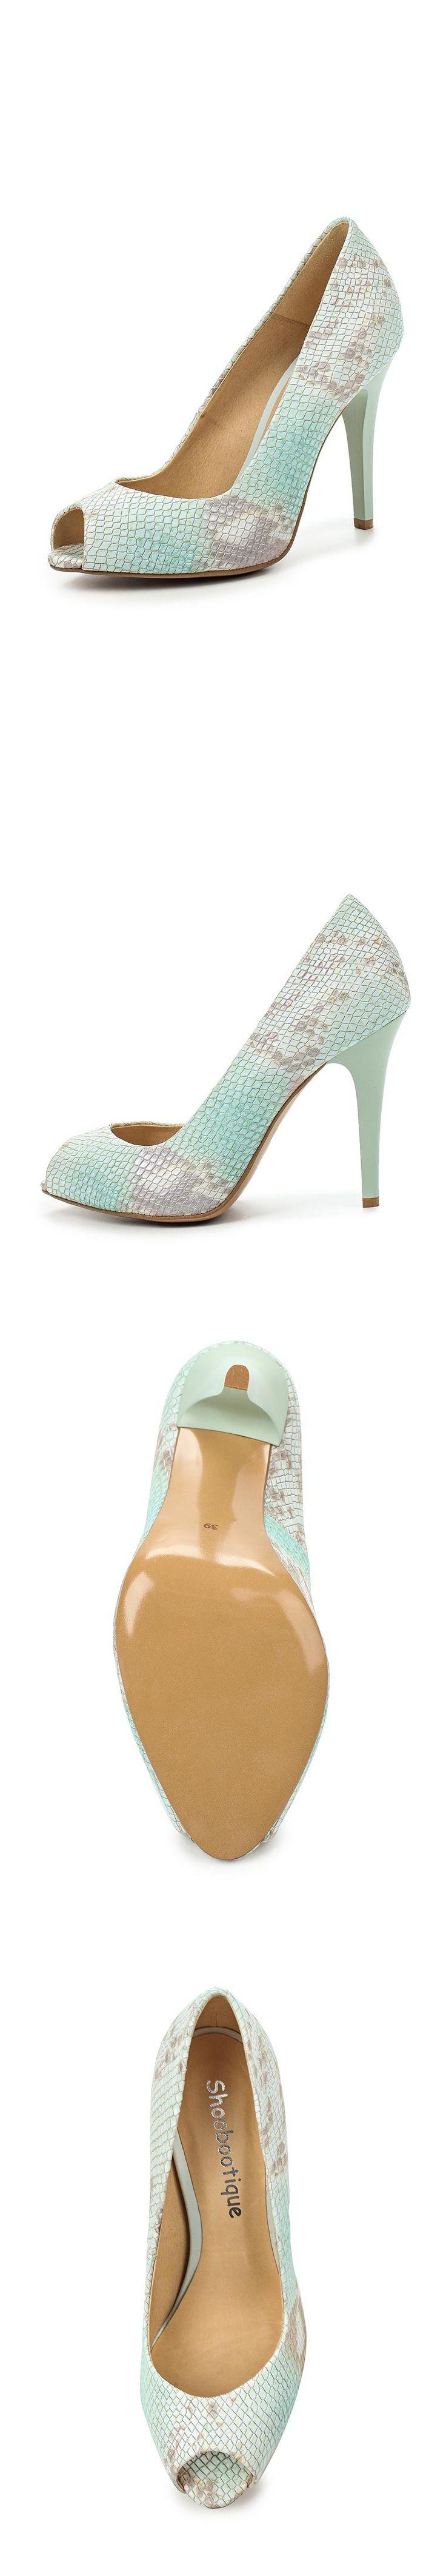 Женская обувь туфли Shoobootique за 8090.00 руб.